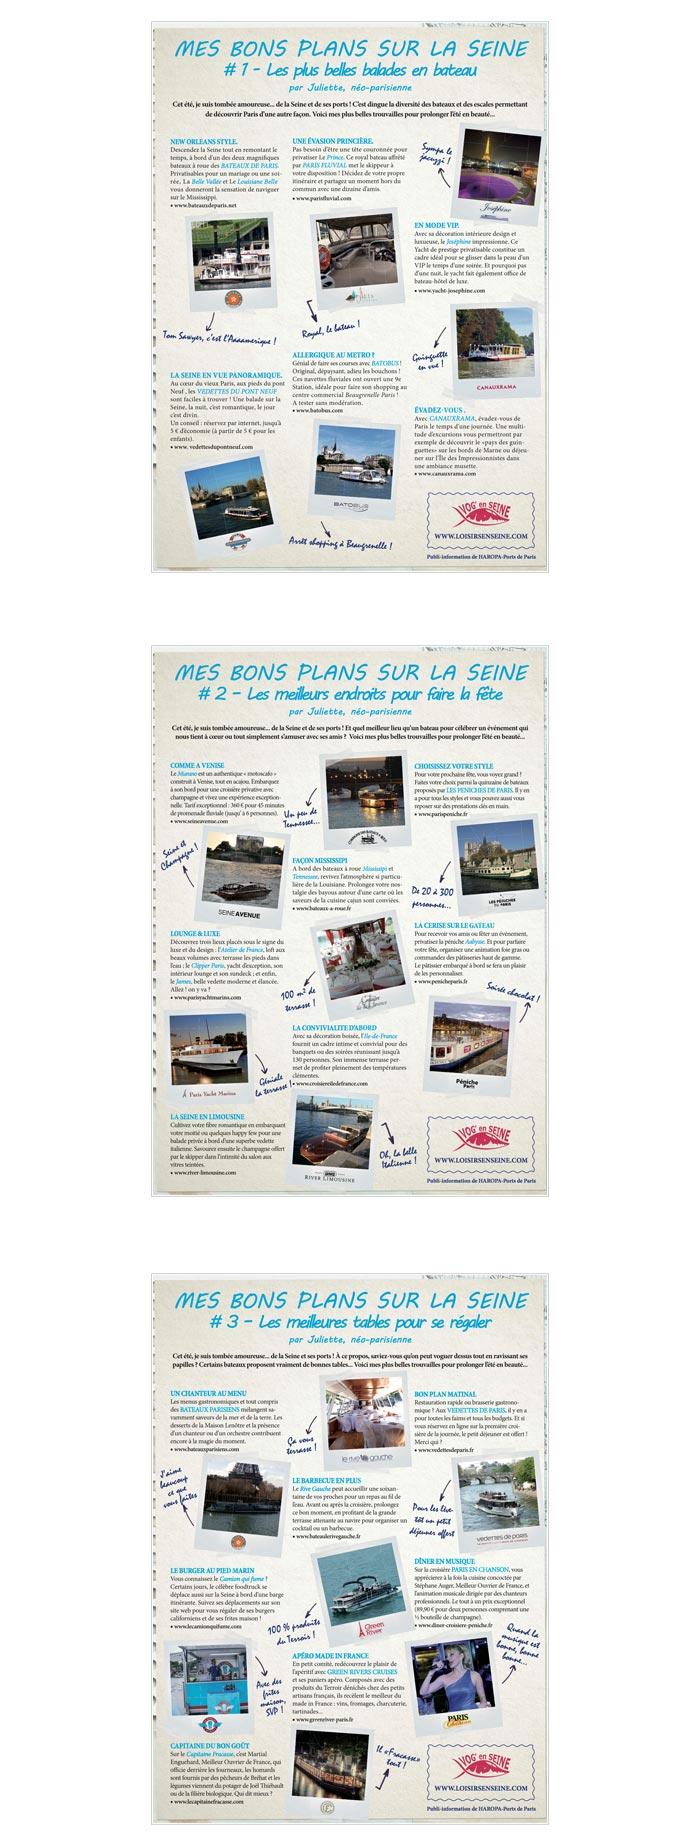 publi-rédaction pour promotion du tourisme fluvial